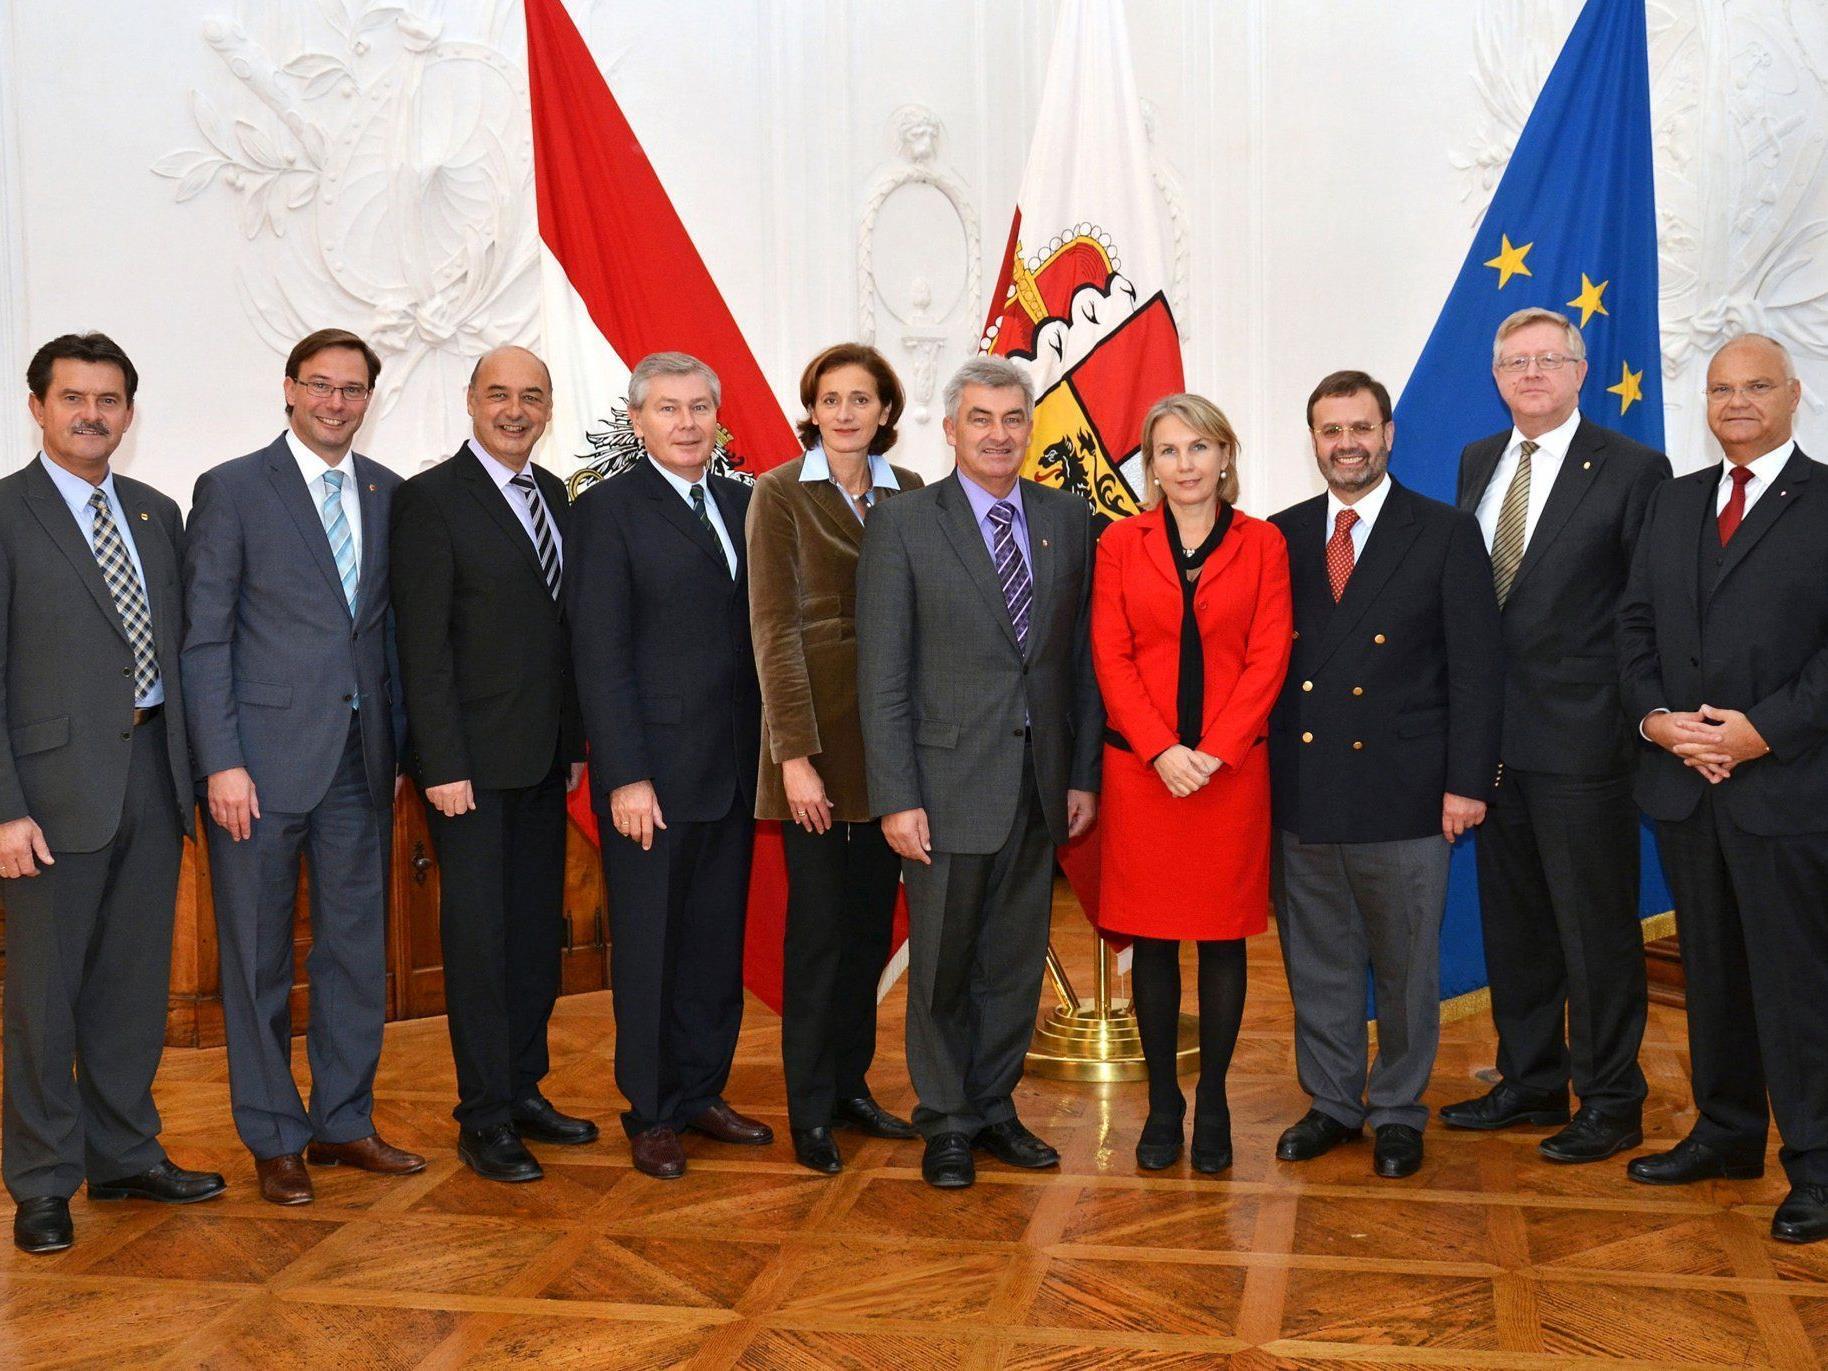 Konferenz der Landtagspräsidentinnen und -präsidenten in Salzburg.